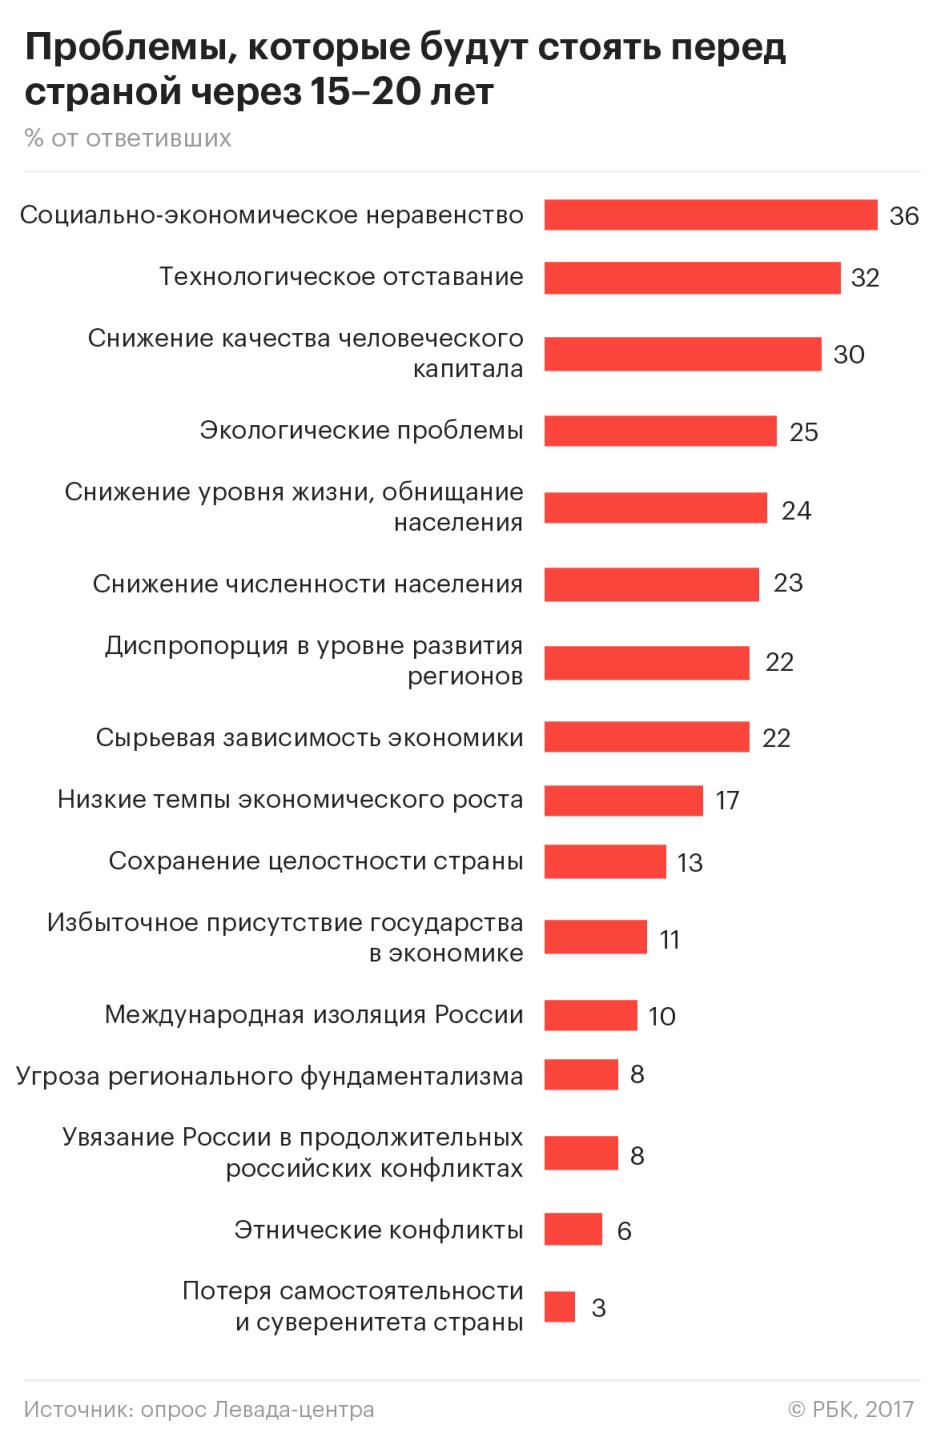 https://s0.rbk.ru/v6_top_pics/resized/945xH/media/img/6/94/755114622241946.png